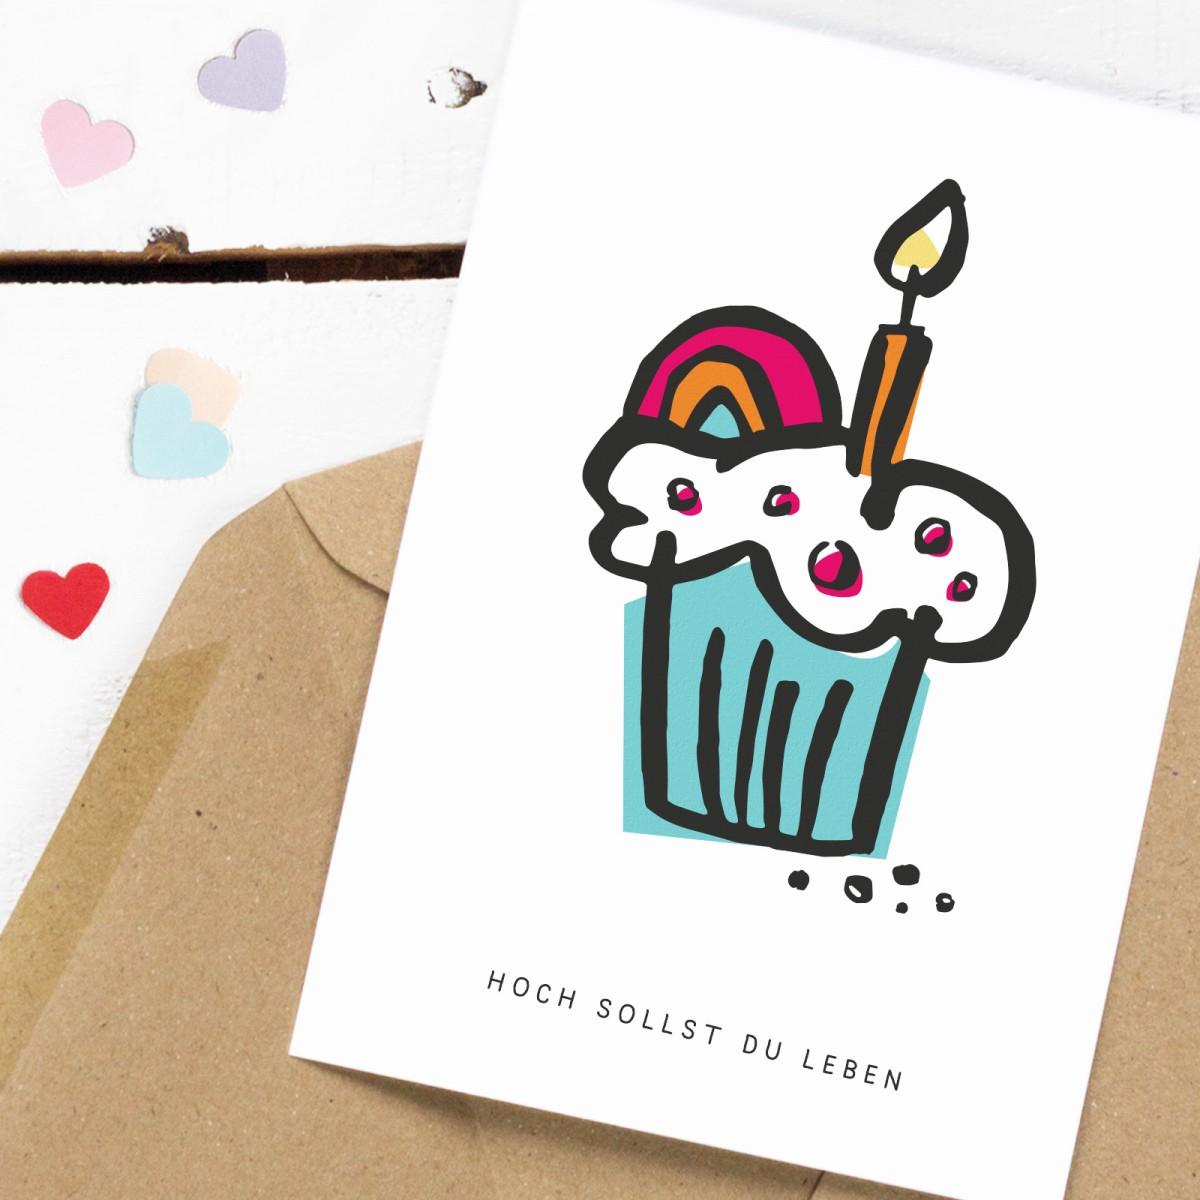 Kleine Papeterie // Hoch sollst du leben // Postkarte // Geburtstag